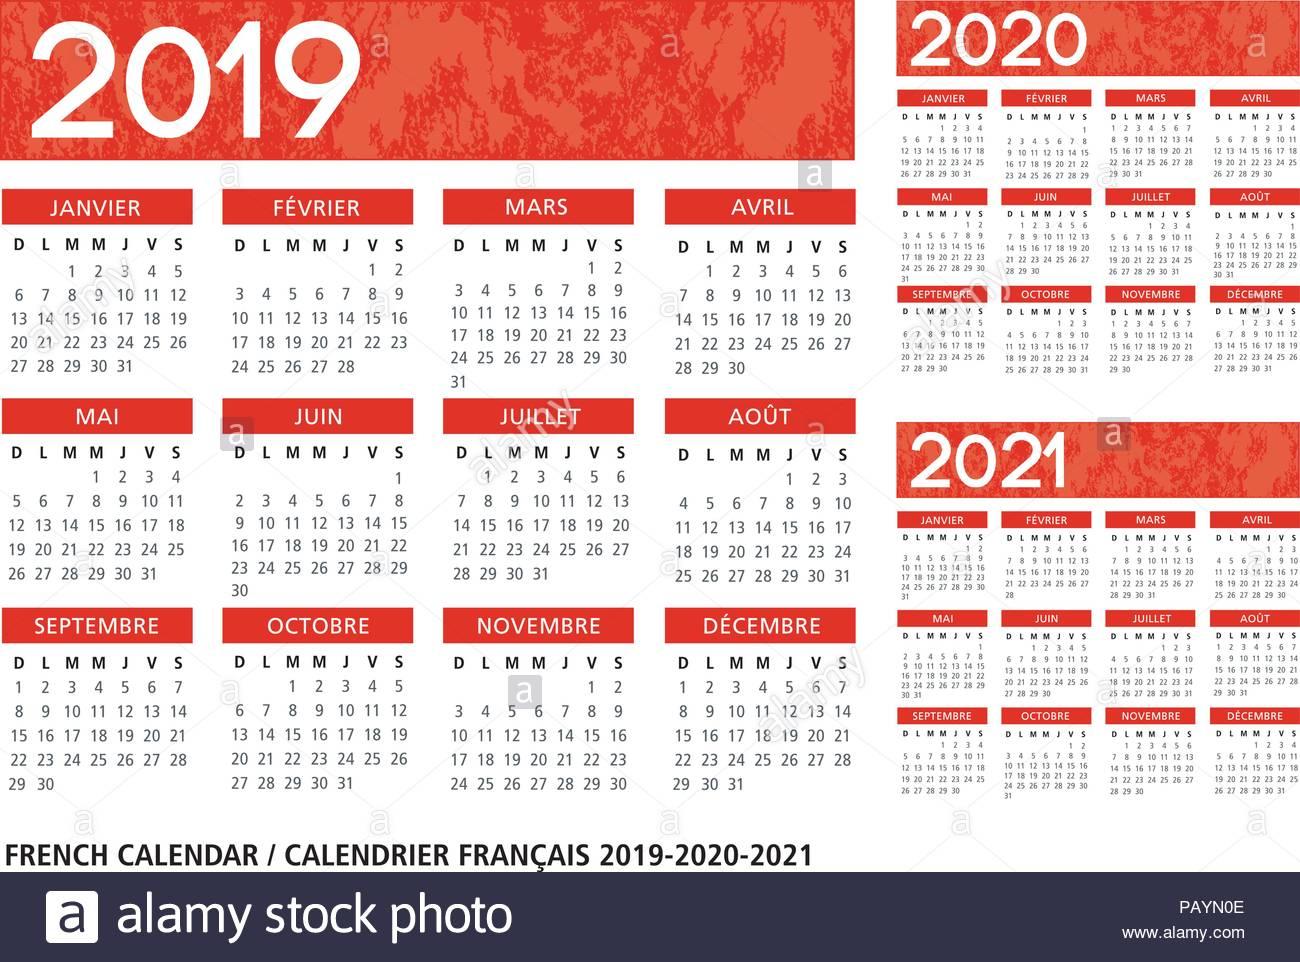 Calendario Frances 2020 intended for Template Calendario Escolar 2020